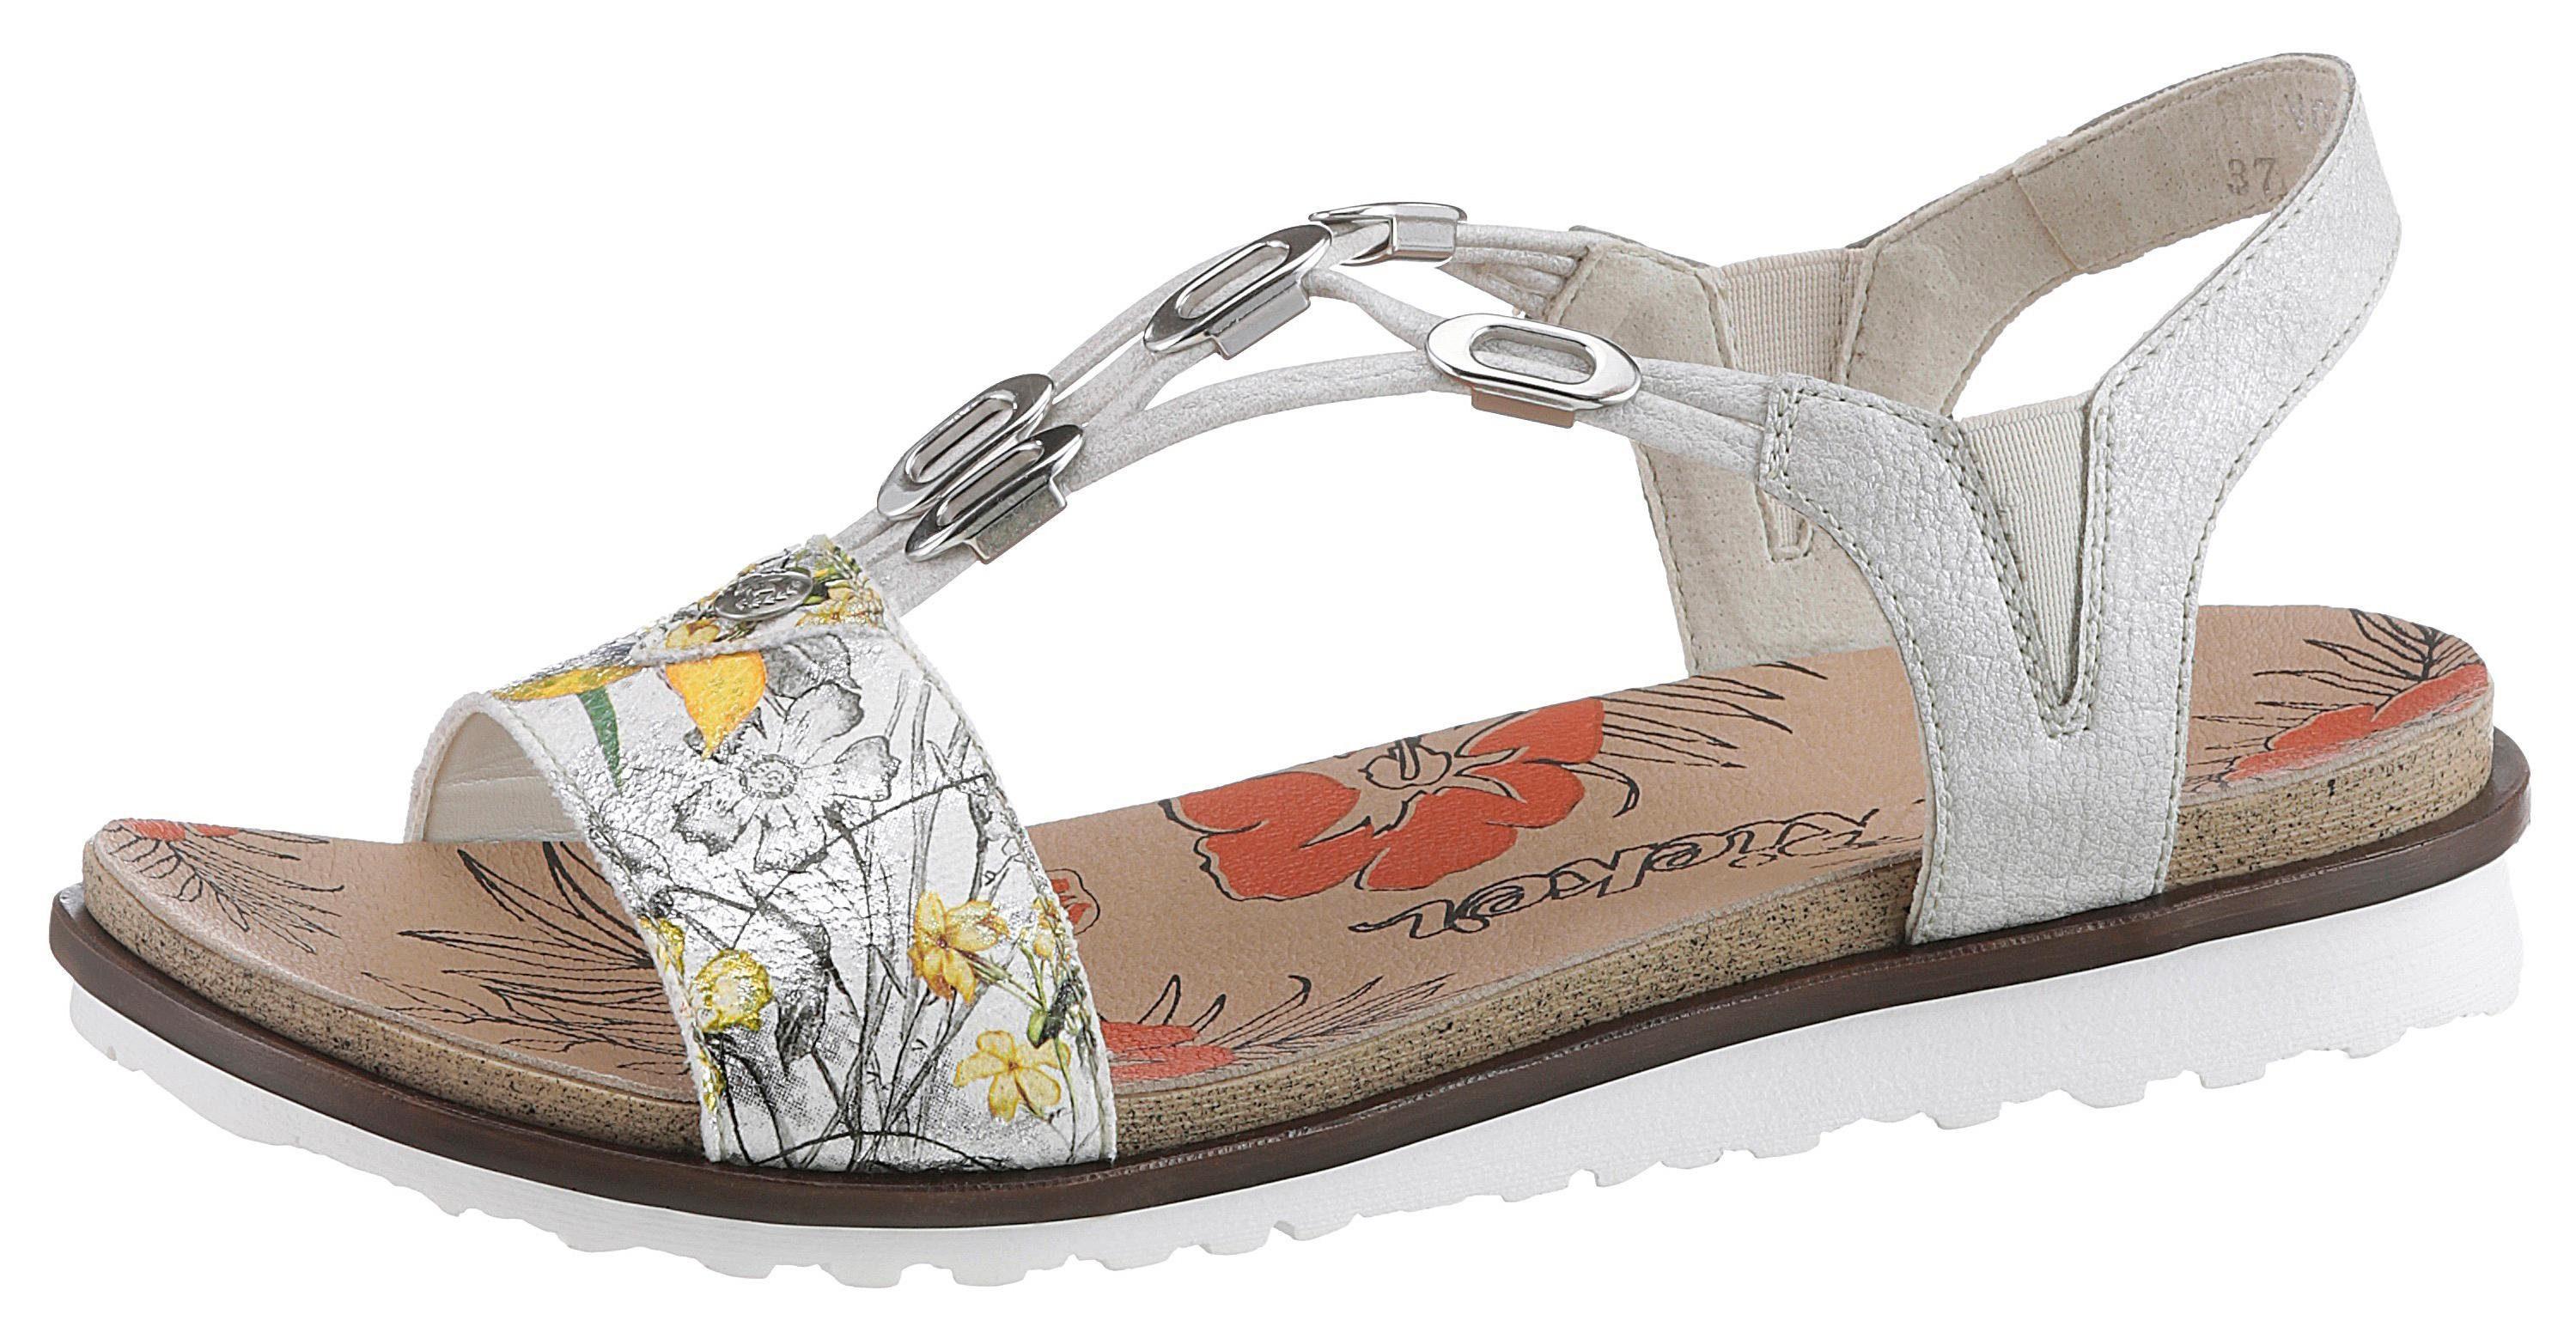 rieker sandalette floraler druck